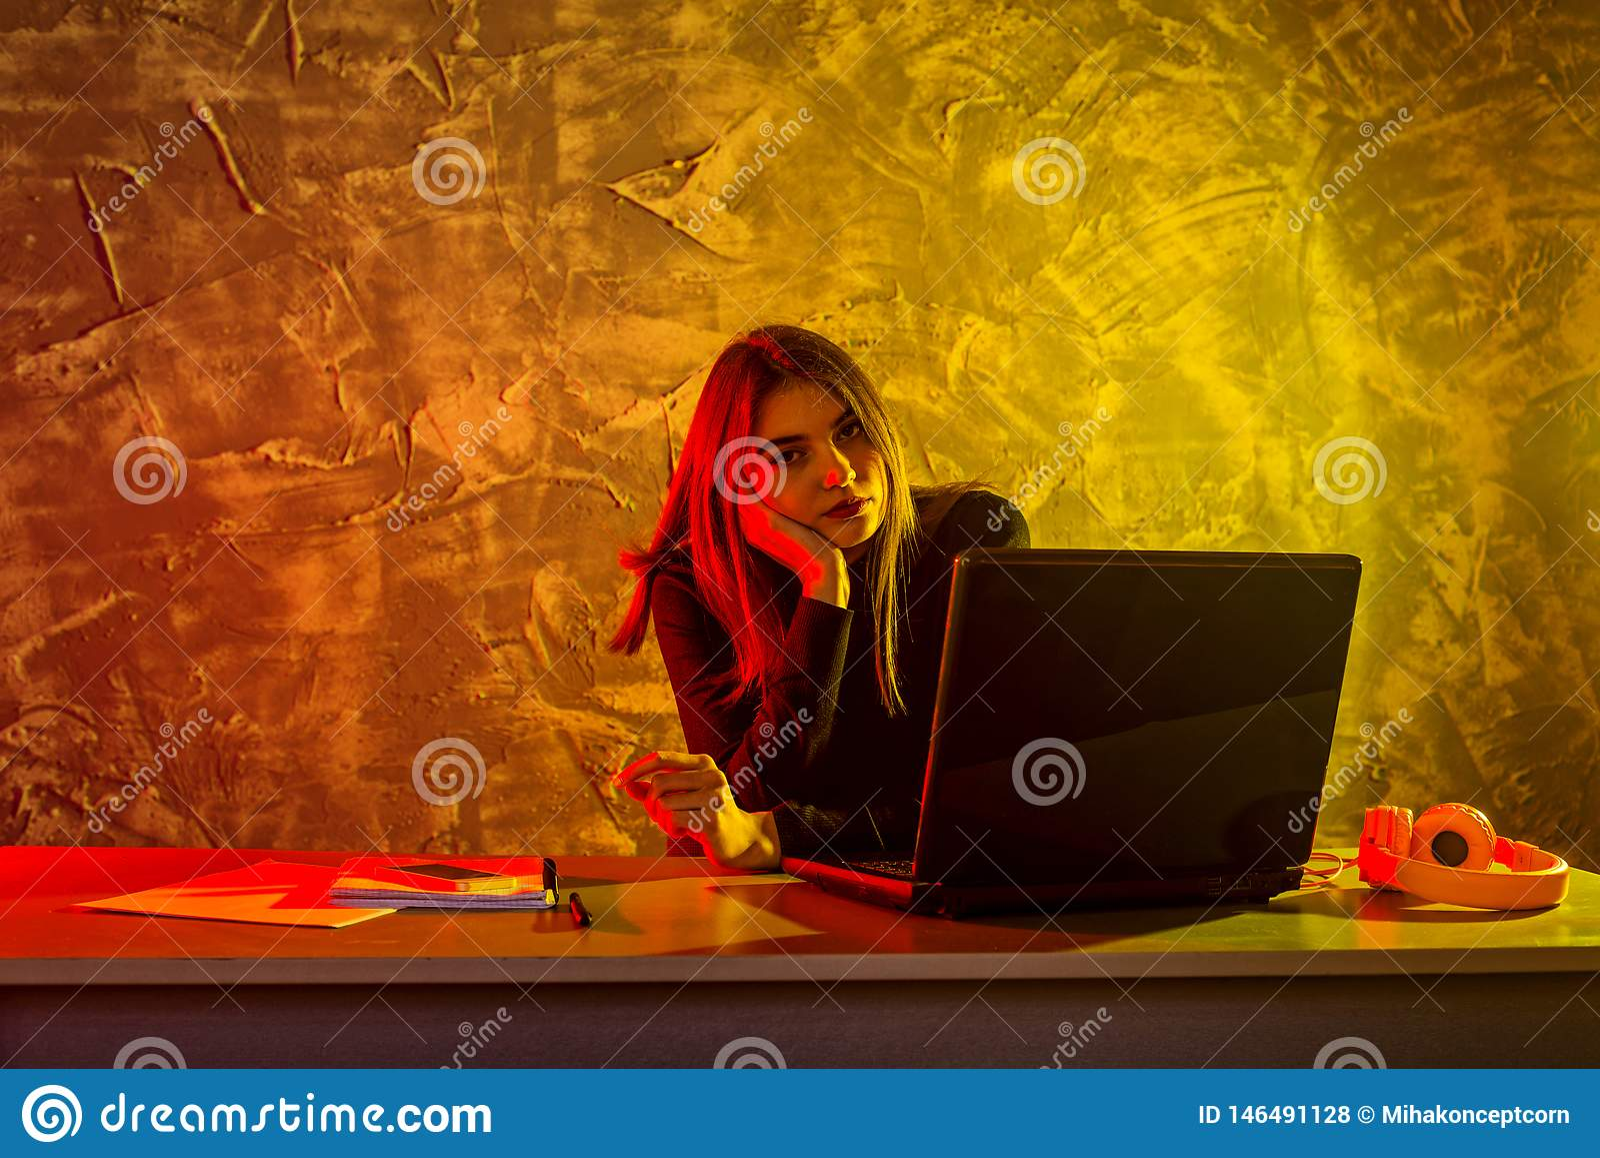 Biznesowa kobieta pracuje na laptopie, stresująca sytuacja